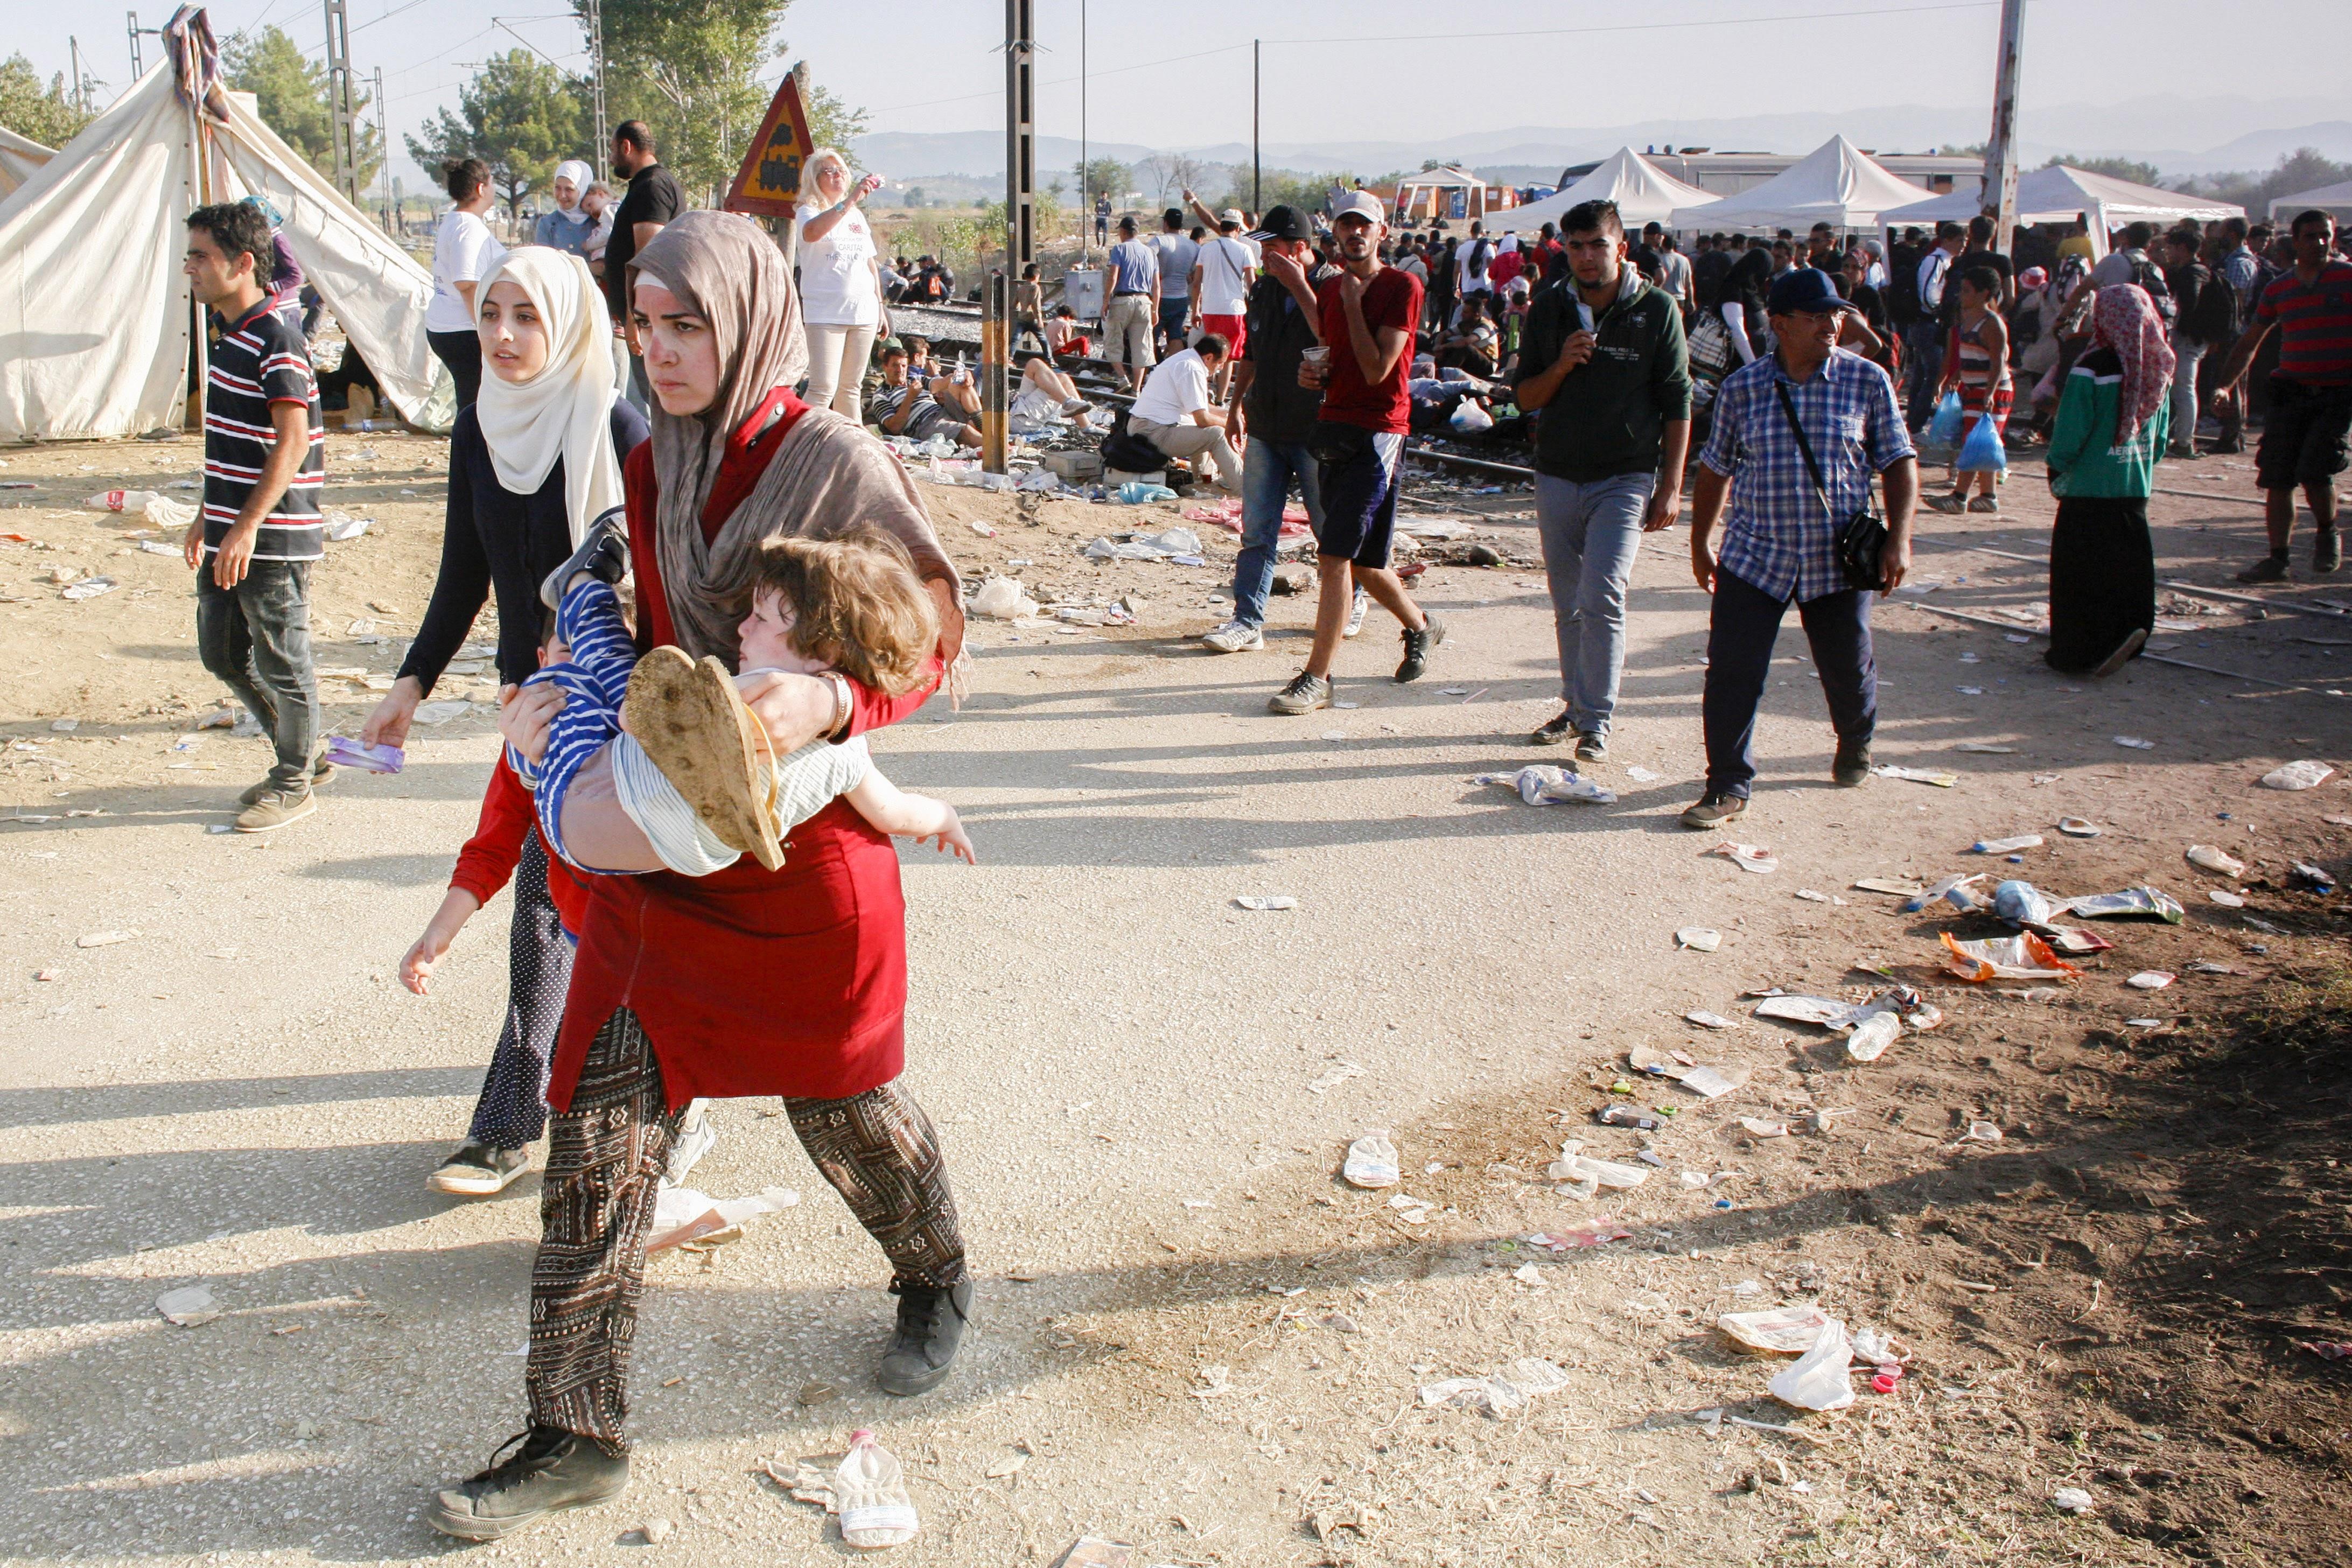 A Idomeni (Grèce), des migrants, principalement syriens, traversent la frontière avec la Macédoine. Catholic Relief Services (CRS) et Caritas fournissent nourriture, sacs de couchage et matelas, produits d'hygiène, conseils juridiques, services de traduction.